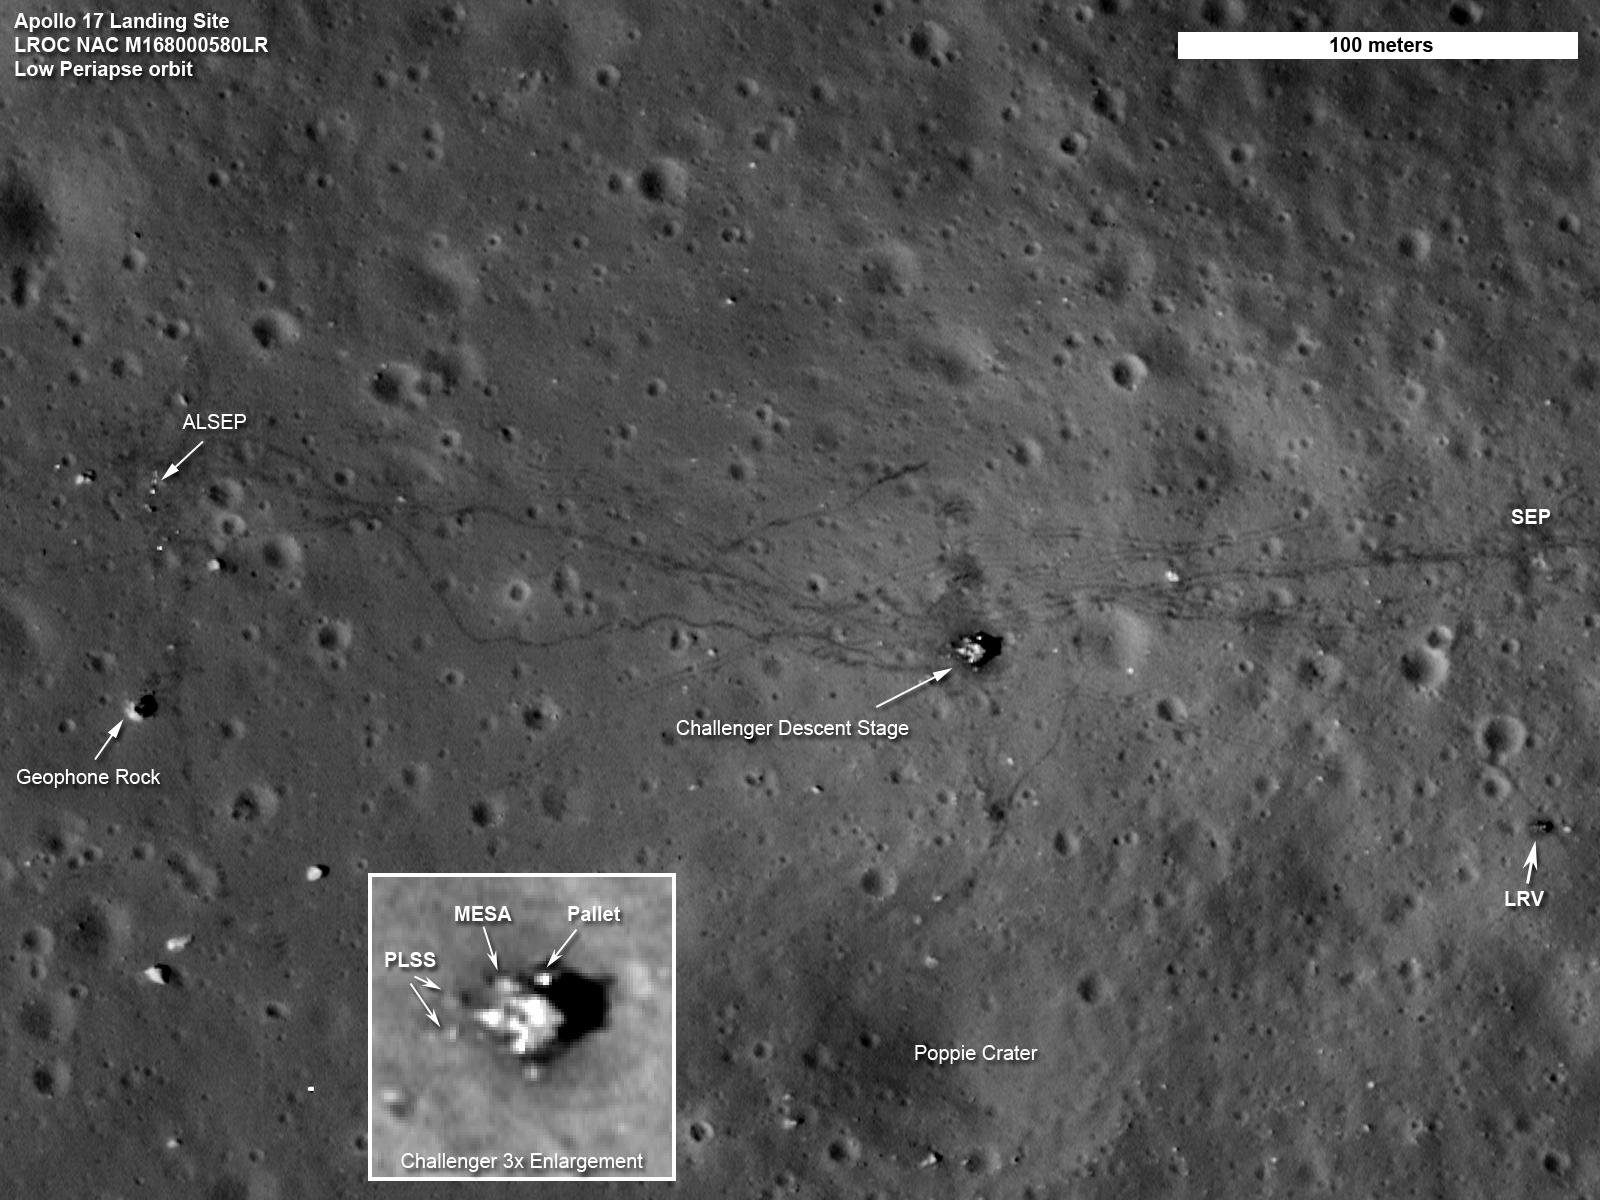 Sito di atterraggio di Apollo 17